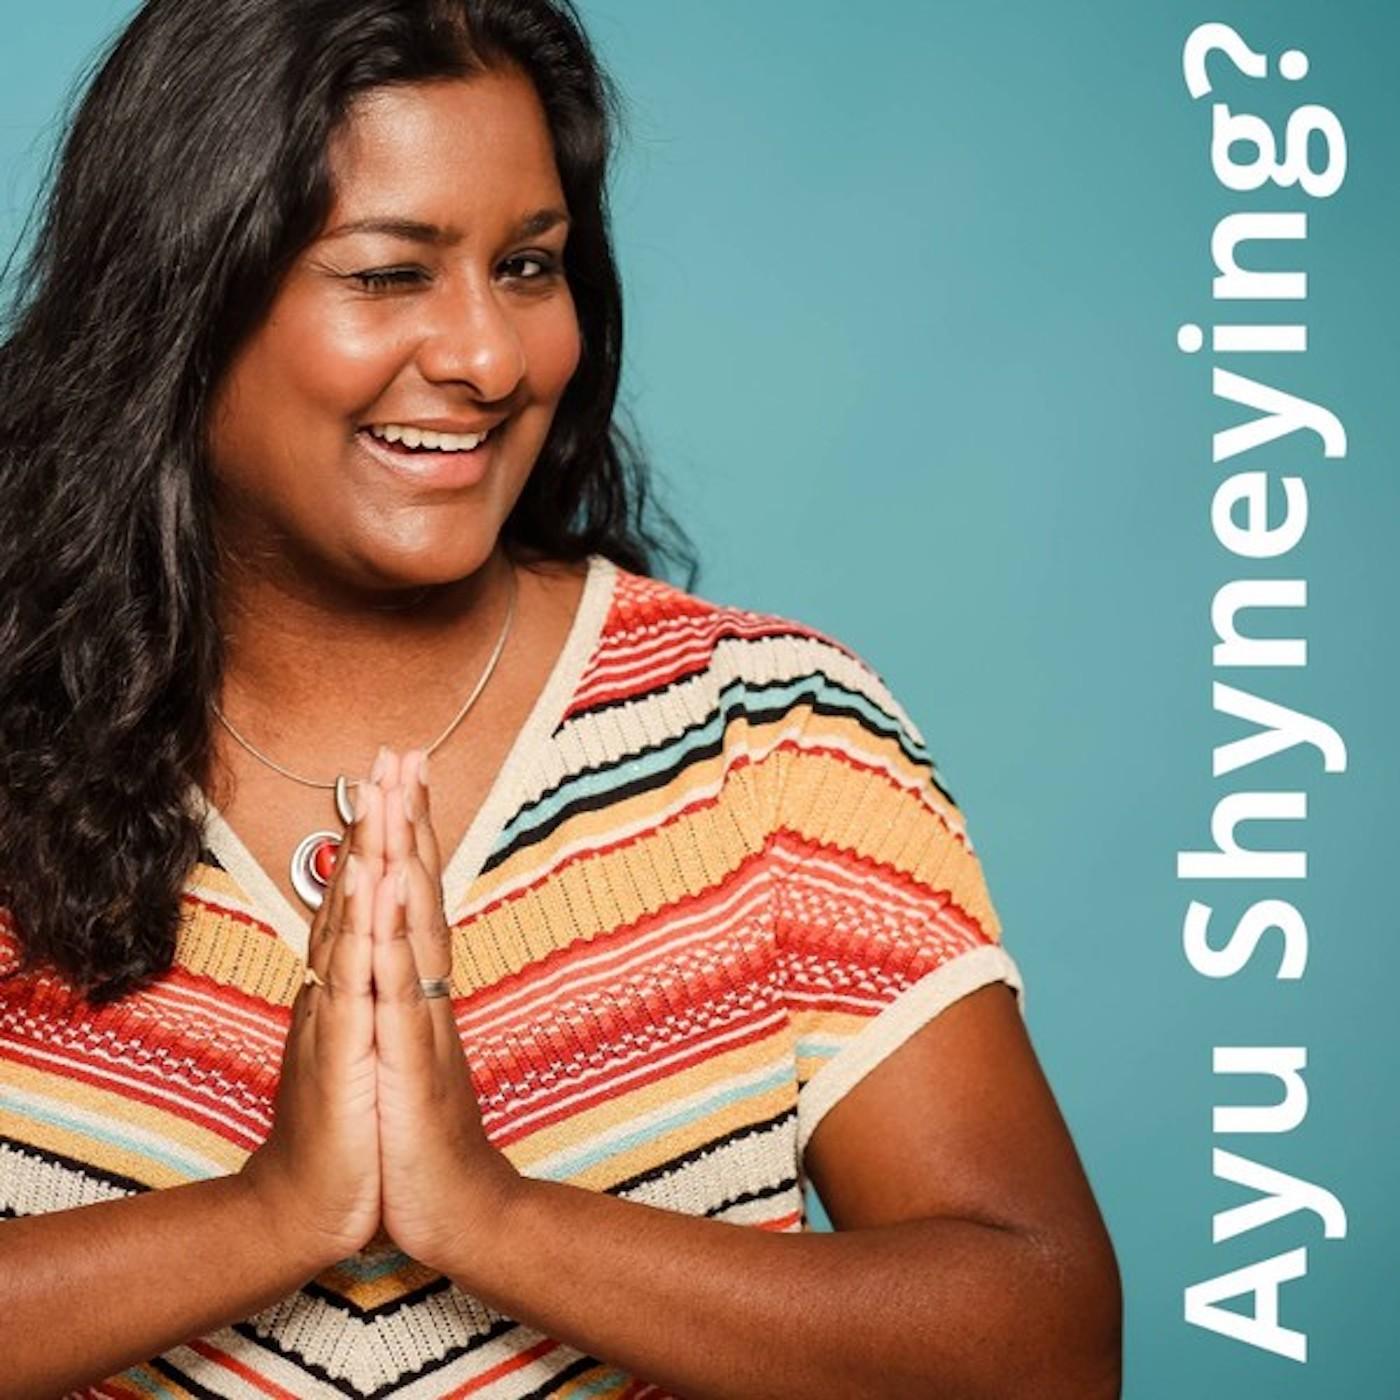 Ayu Shyneying? - DER Ayurveda-Podcast, der dich zum Strahlen bringt